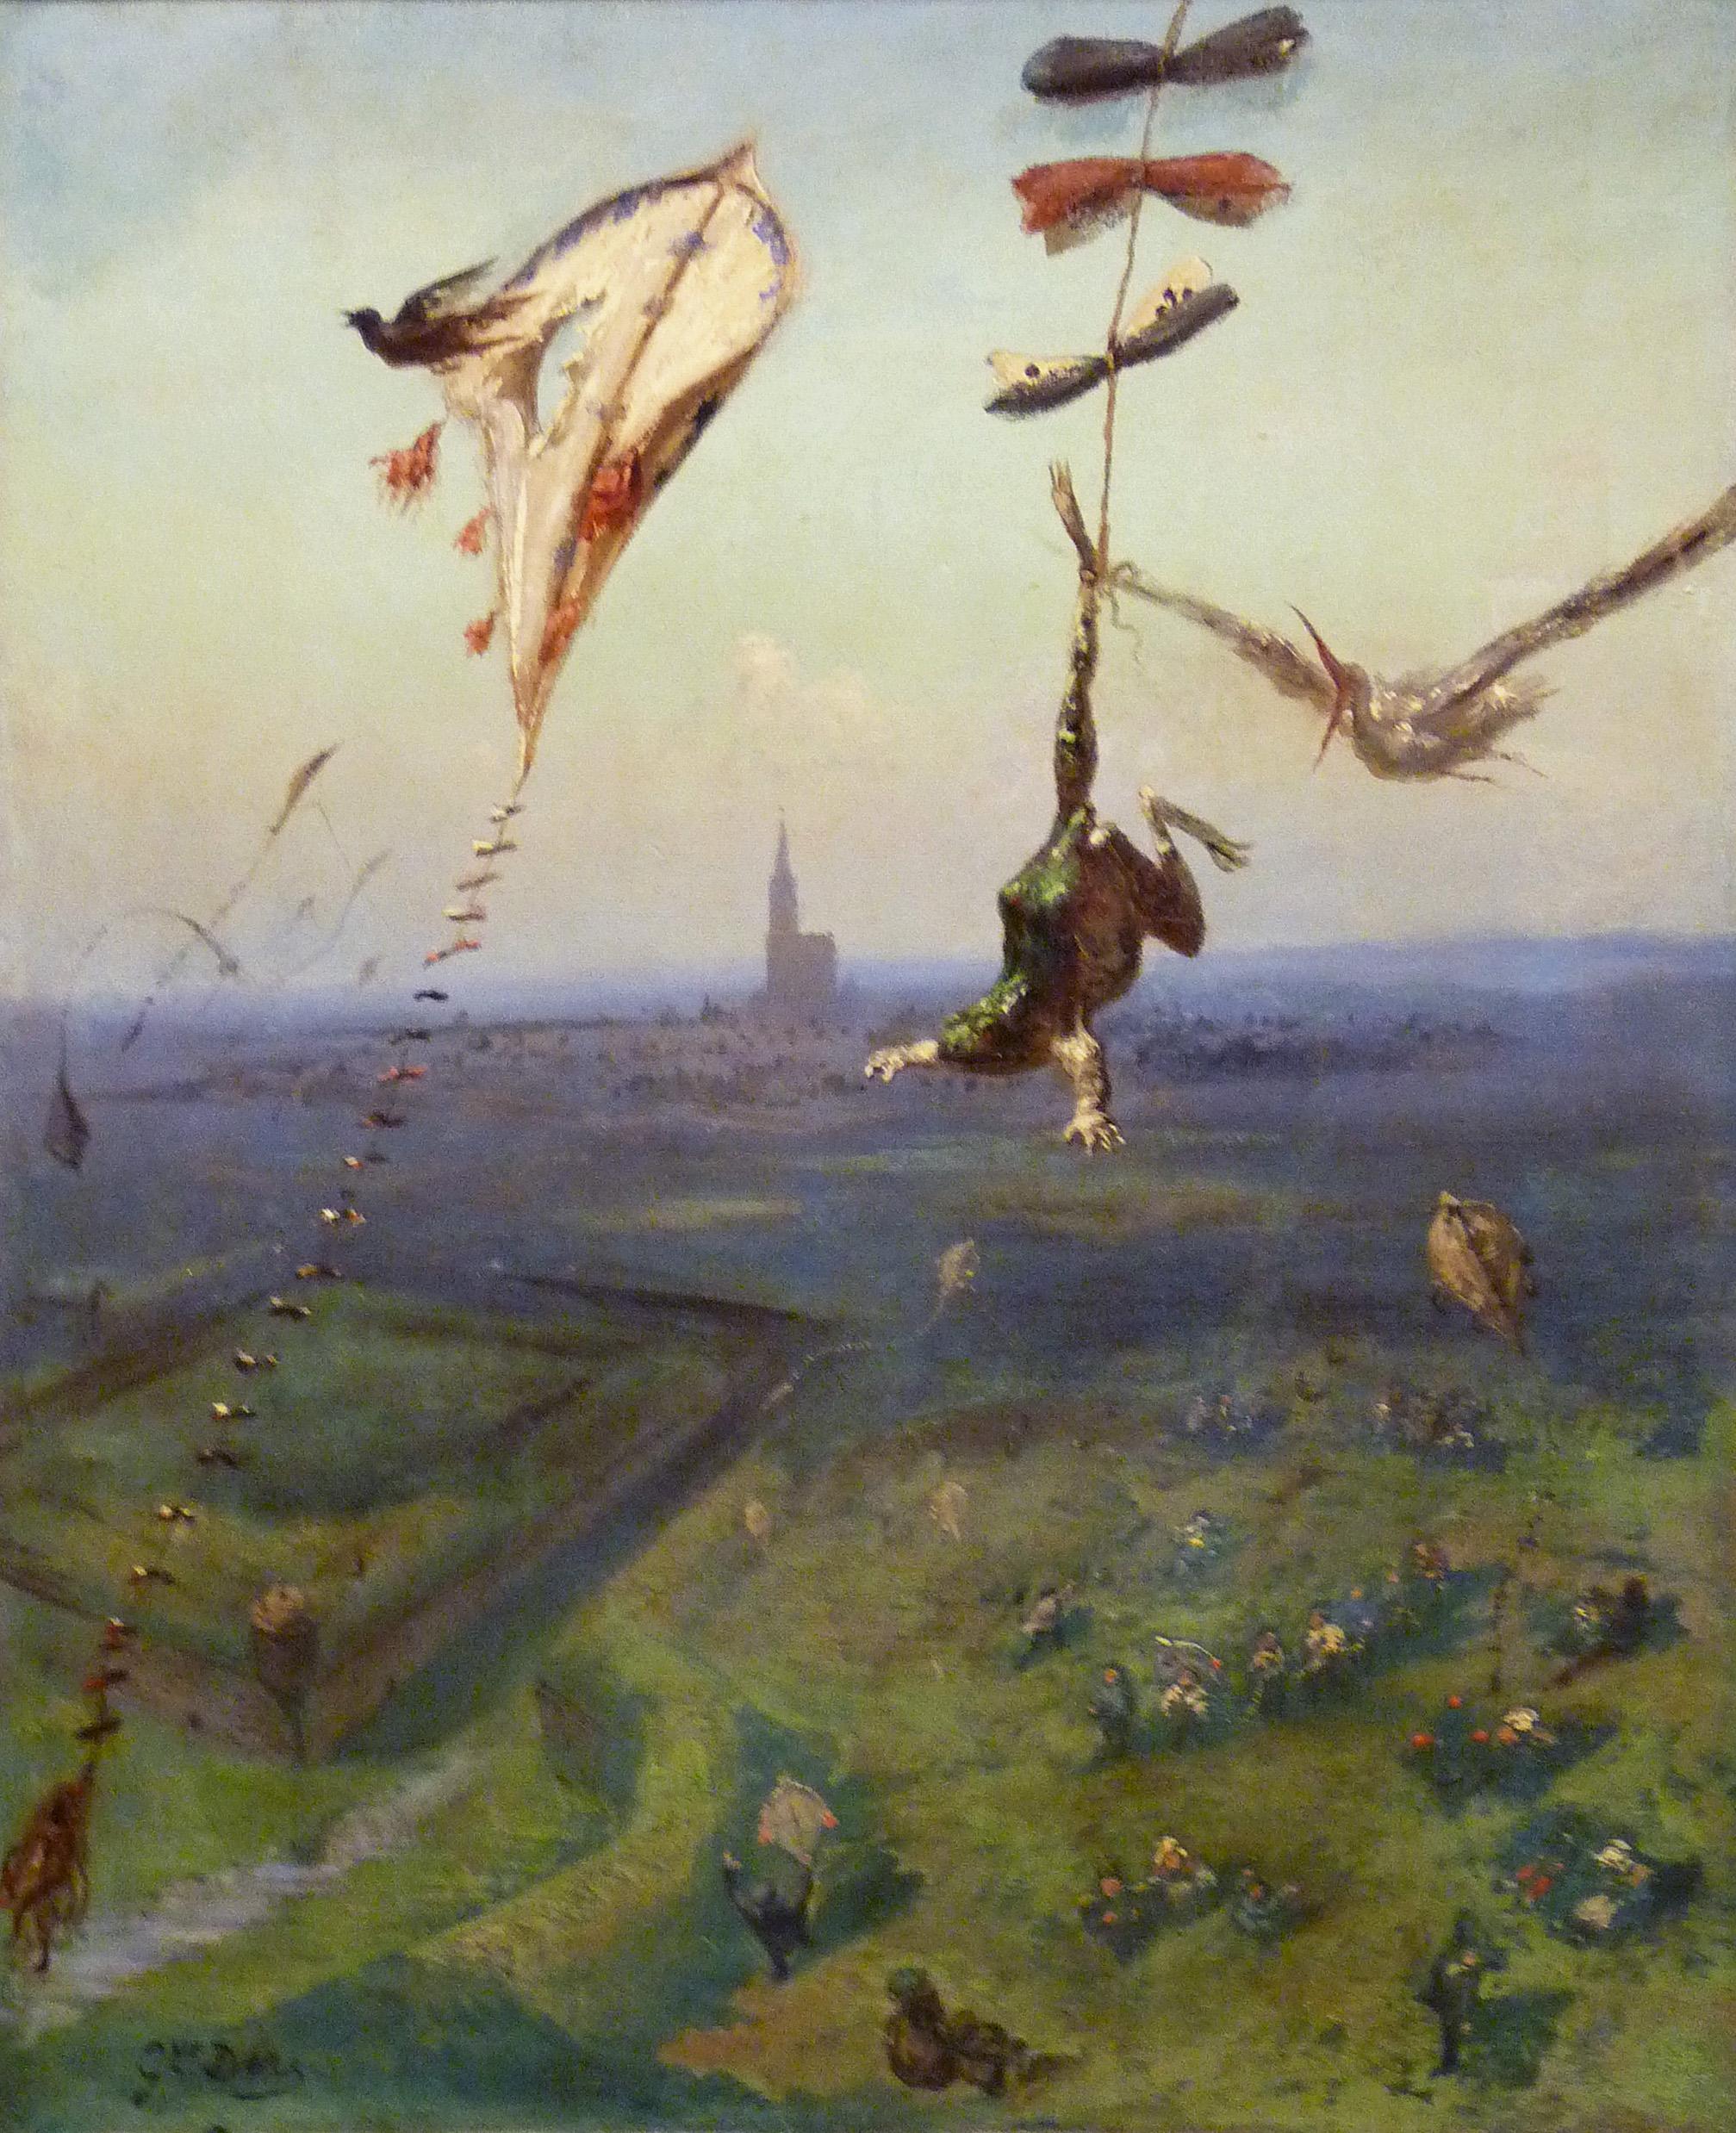 Gustave Doré, Entre ciel et terre, 1862, huile sur toile, B-A de Belfort